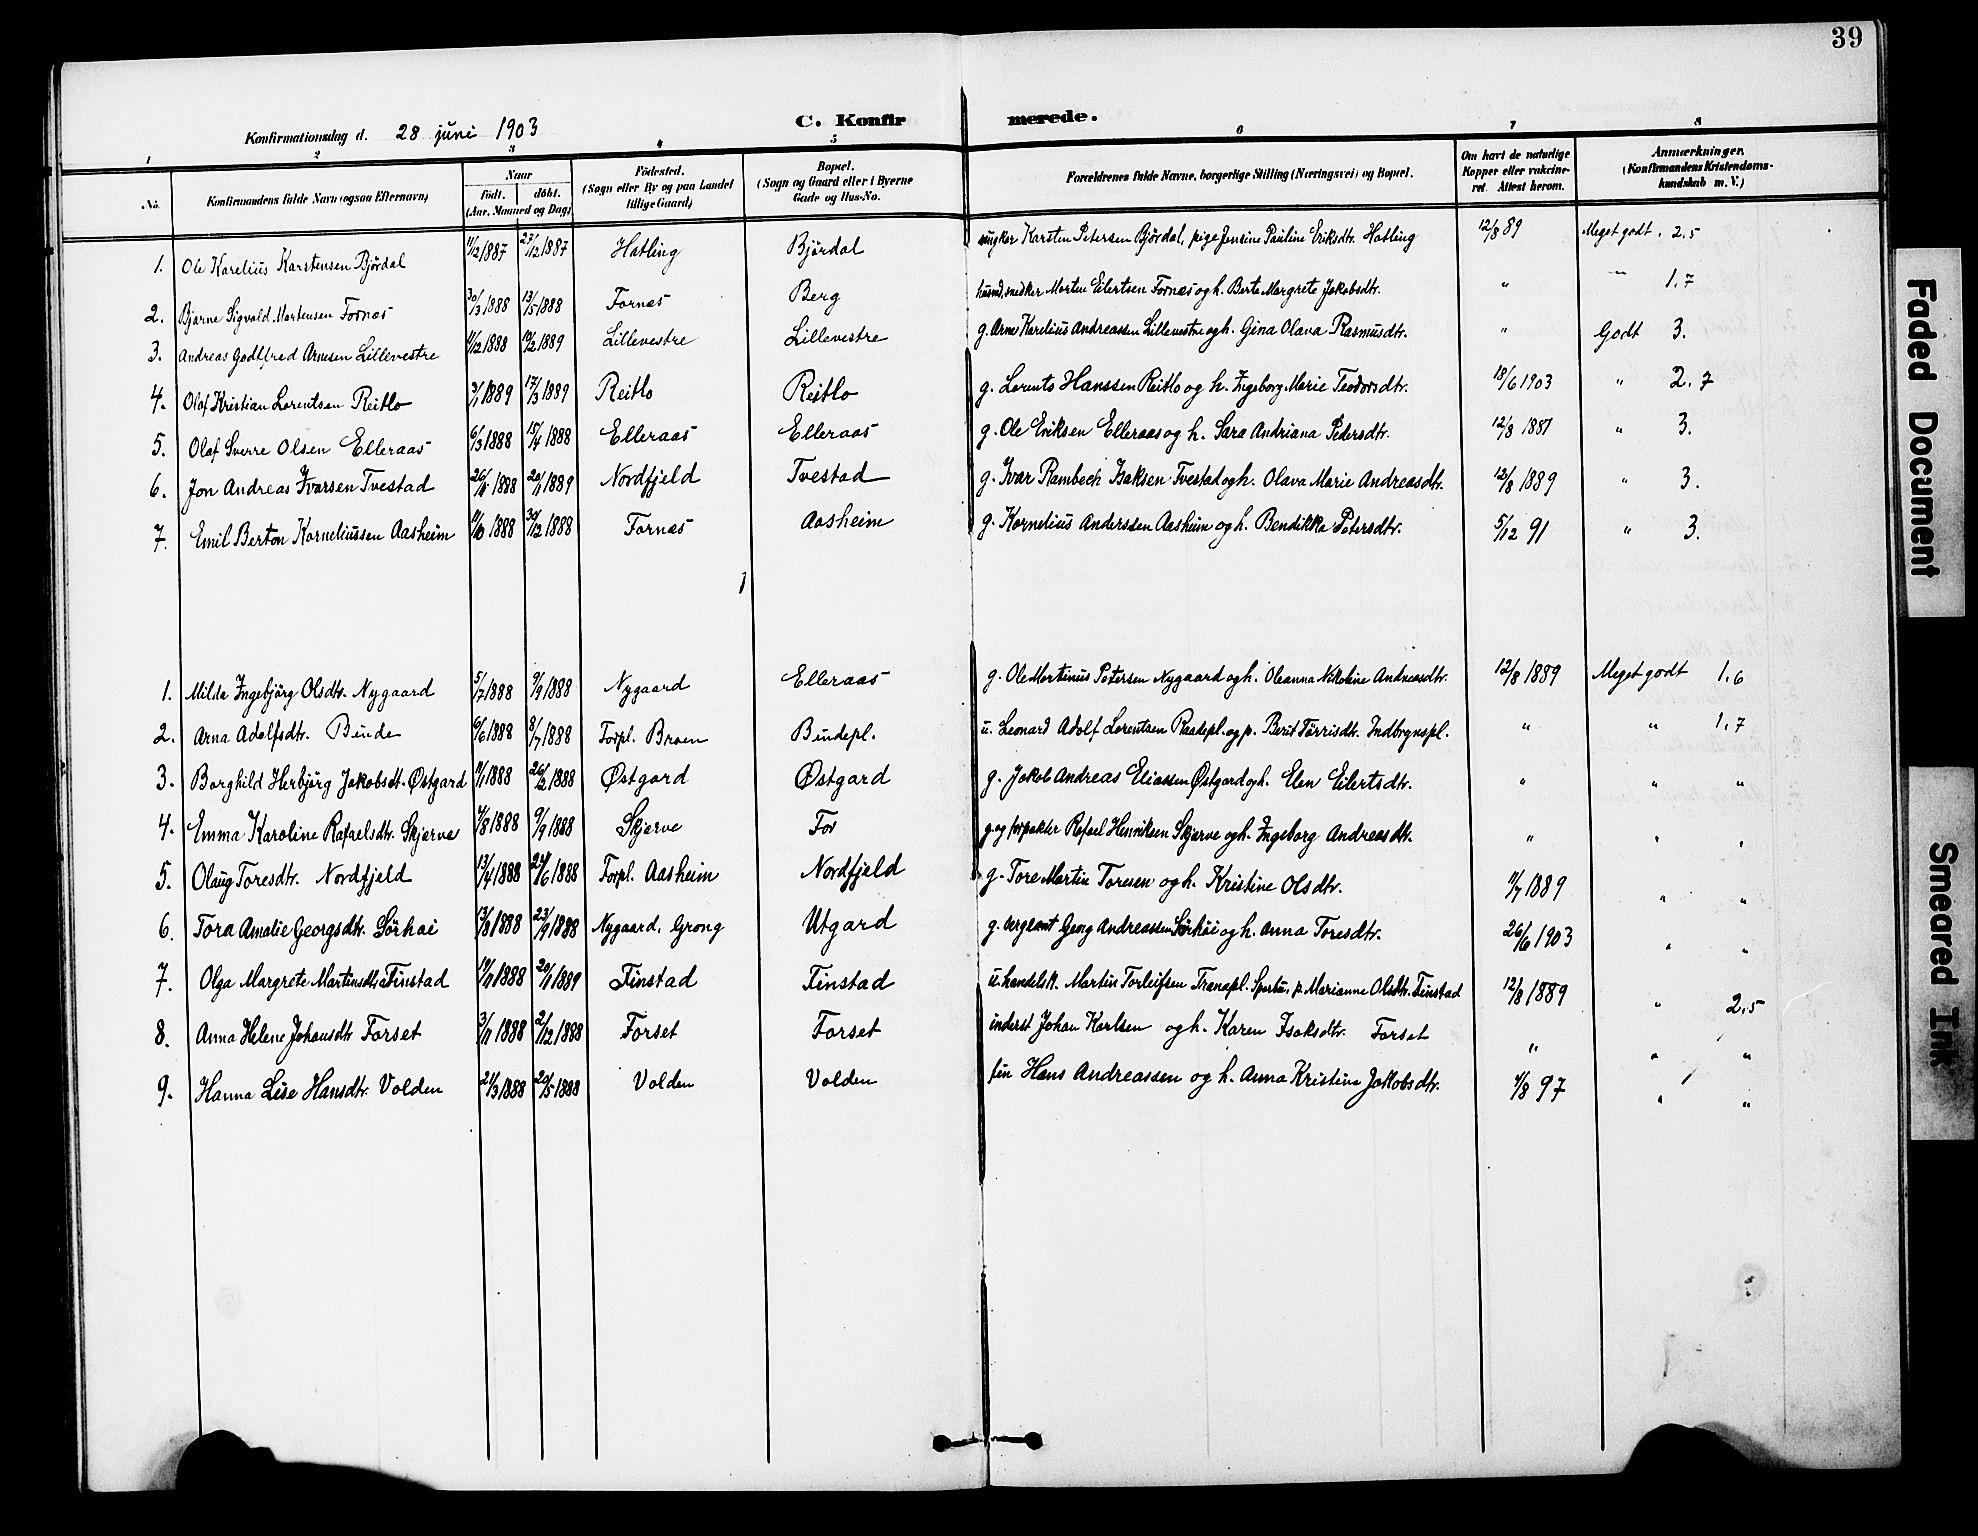 SAT, Ministerialprotokoller, klokkerbøker og fødselsregistre - Nord-Trøndelag, 746/L0452: Ministerialbok nr. 746A09, 1900-1908, s. 39